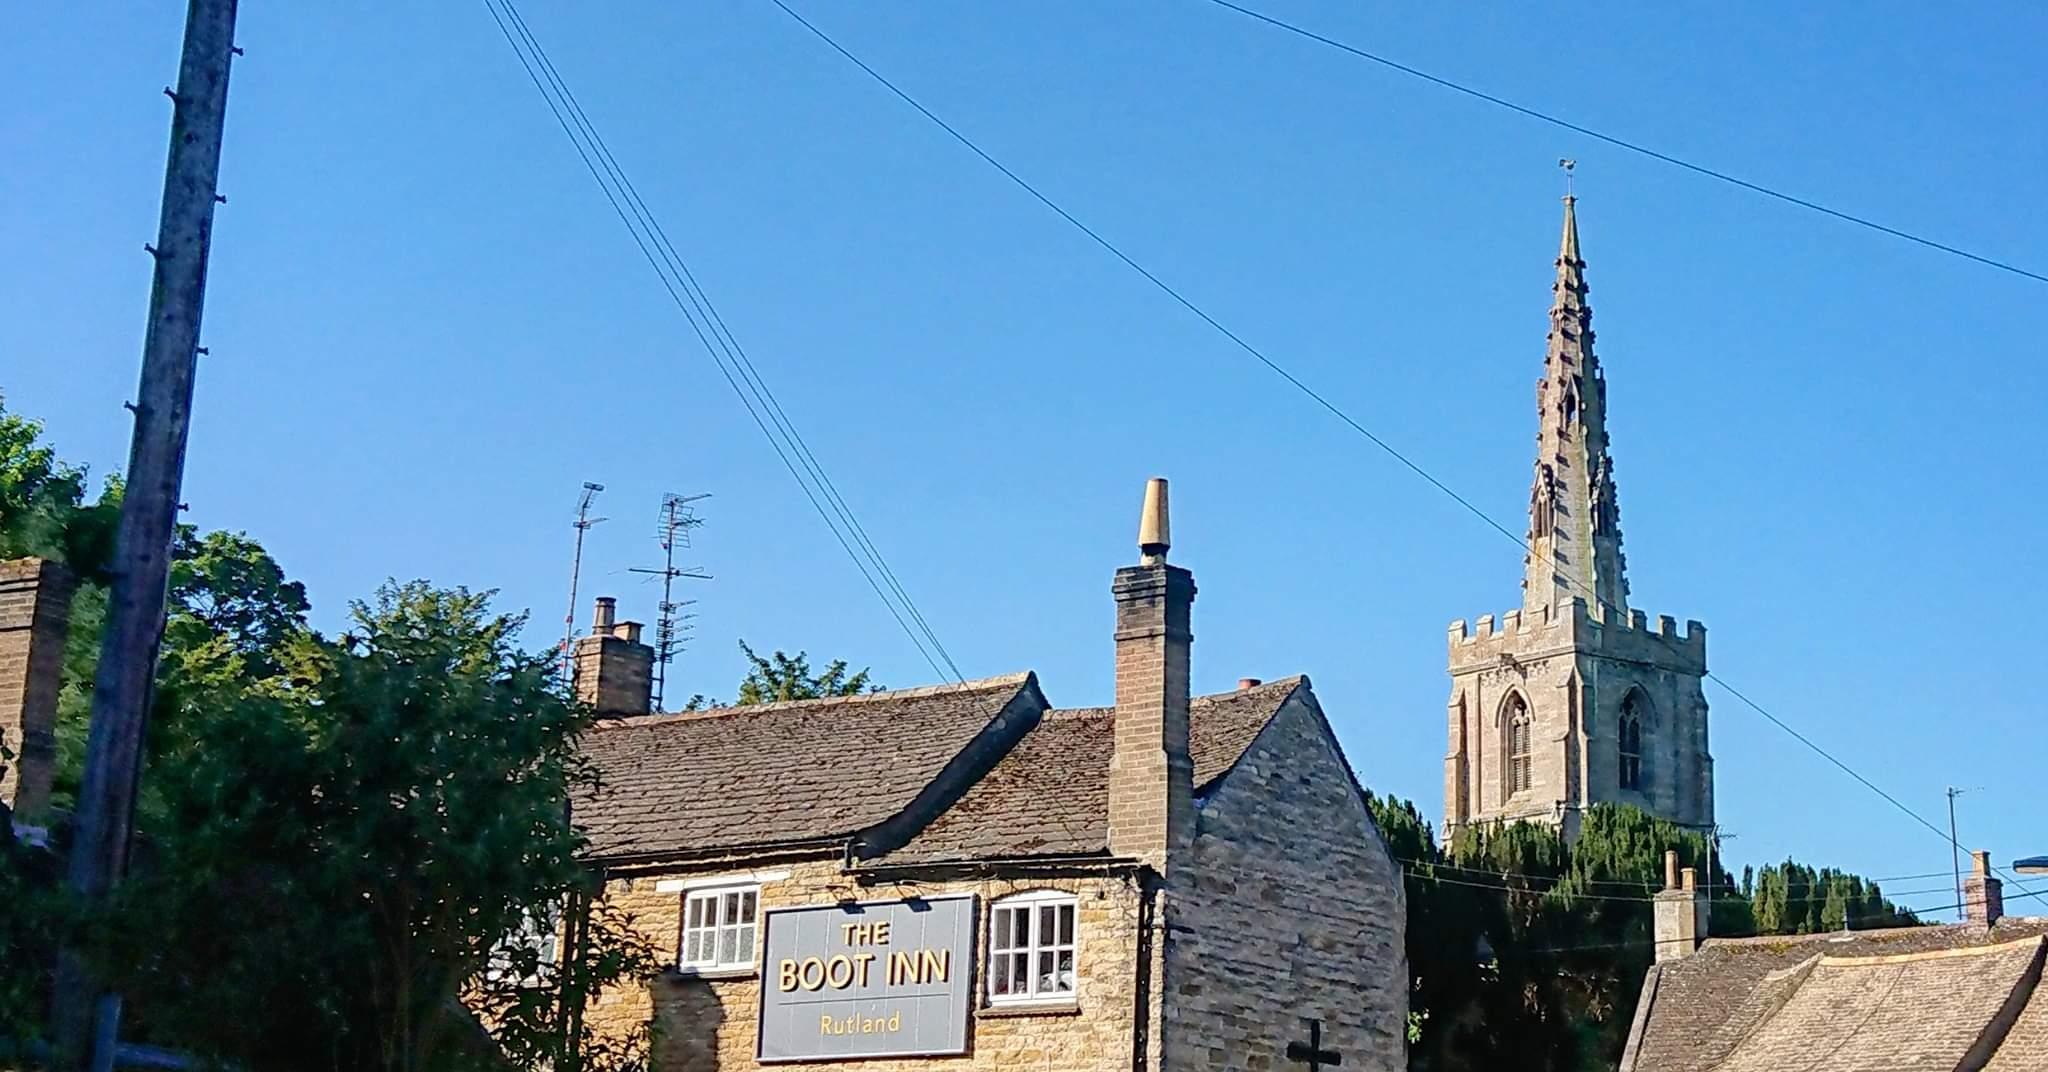 The Boot pub South Luffenham